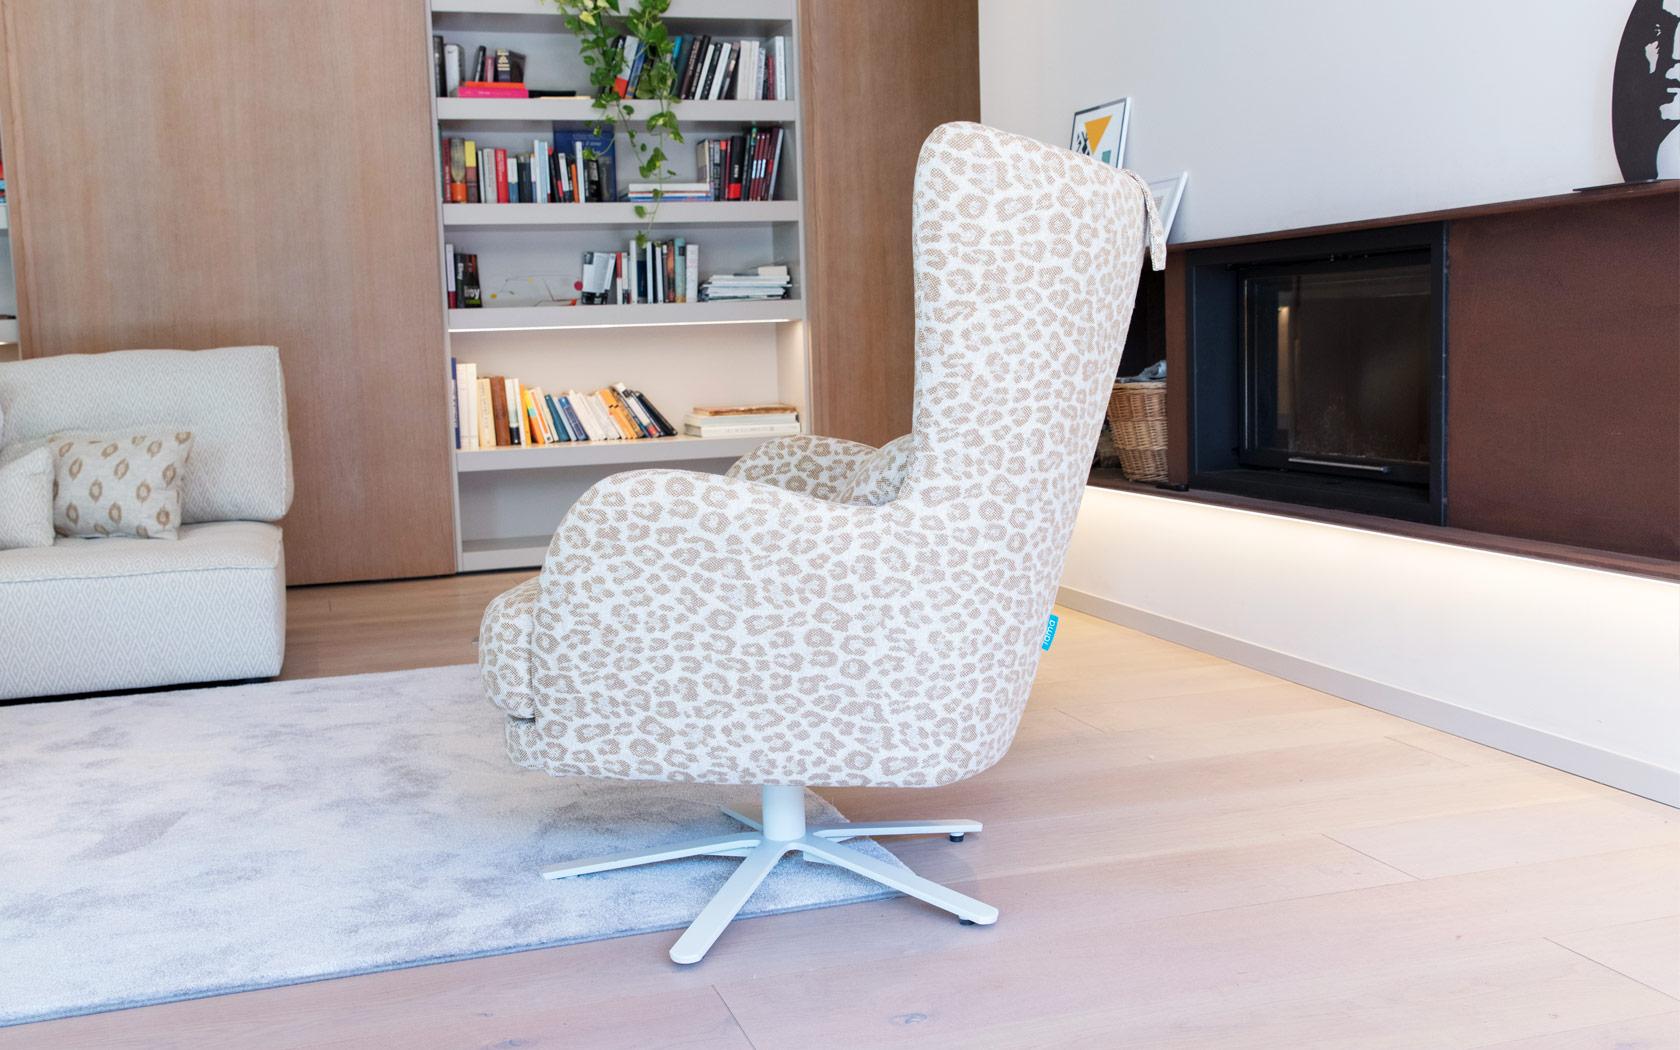 Kylian sillón Fama 2020 07